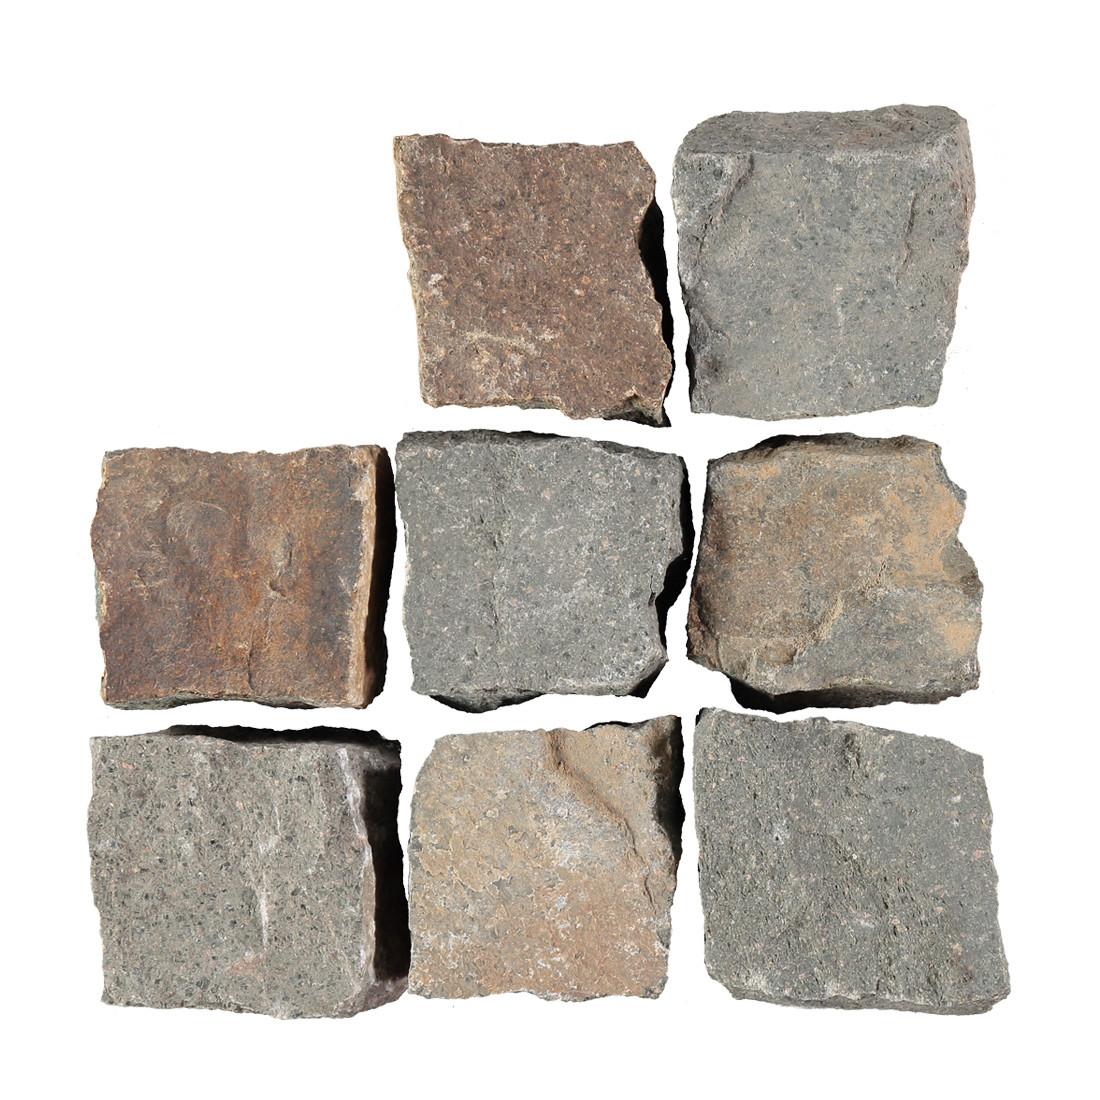 Porphyry - Cobblestones